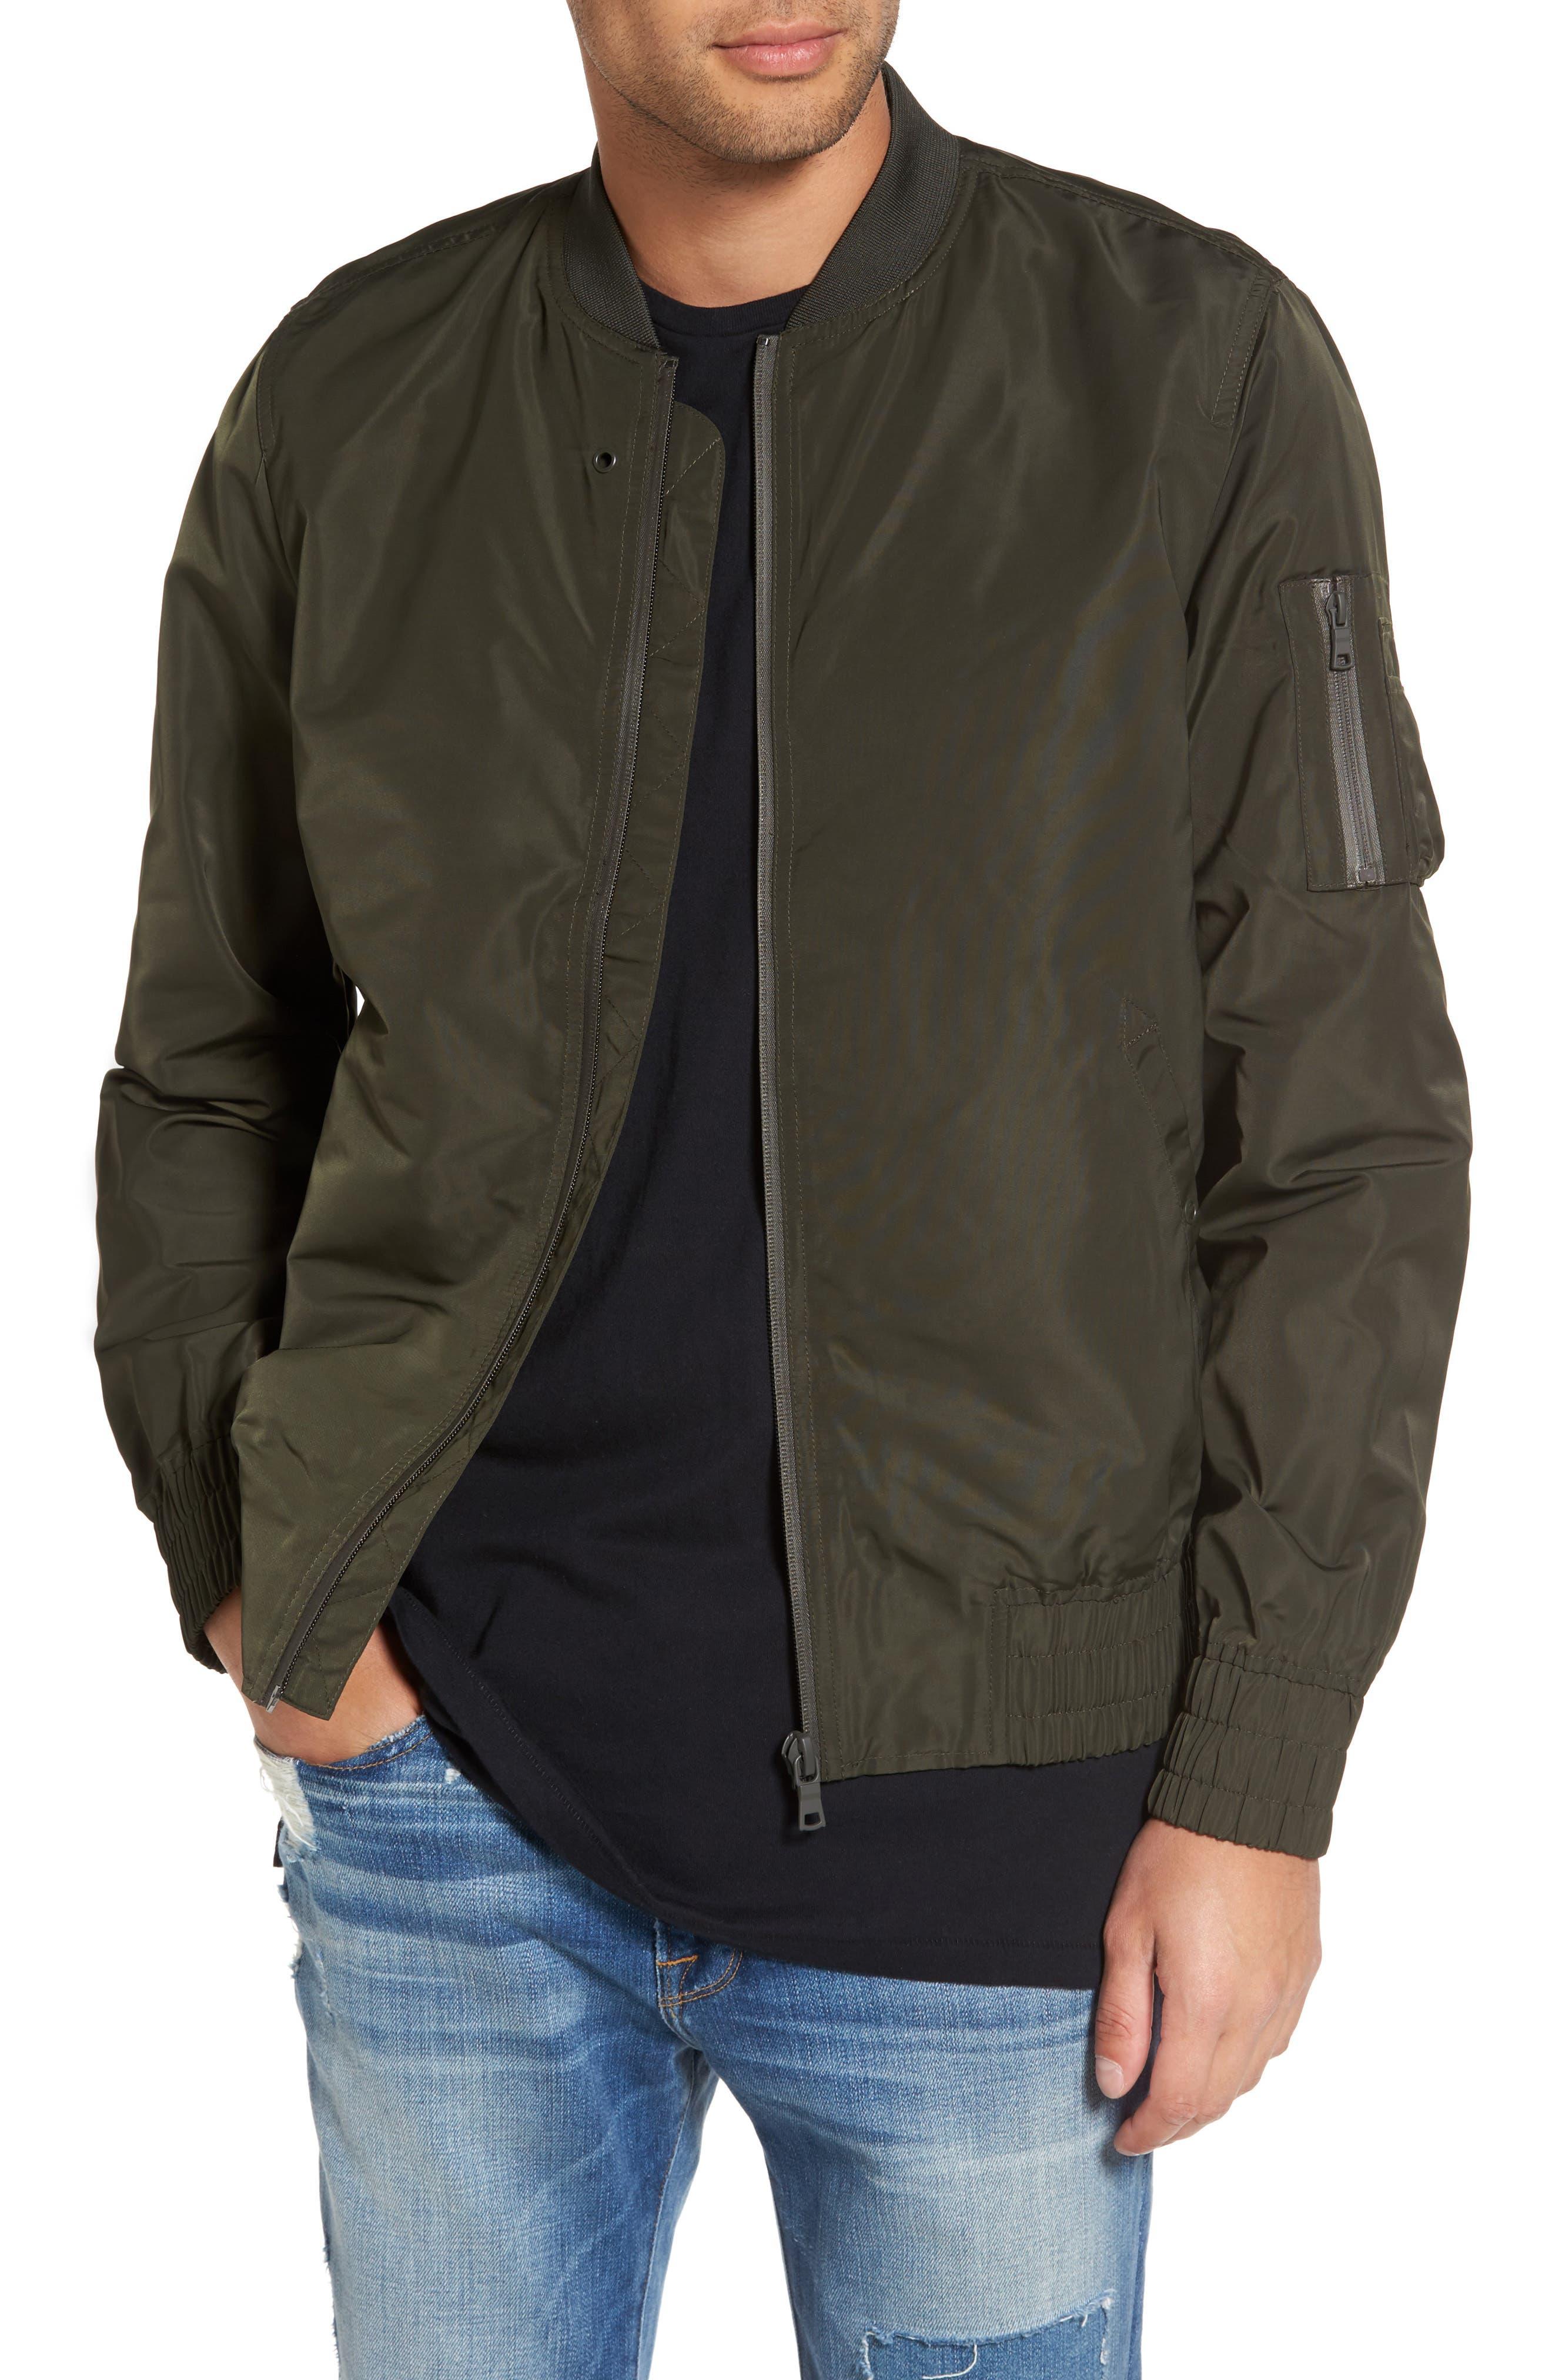 Elton Bomber Jacket,                         Main,                         color, Olive